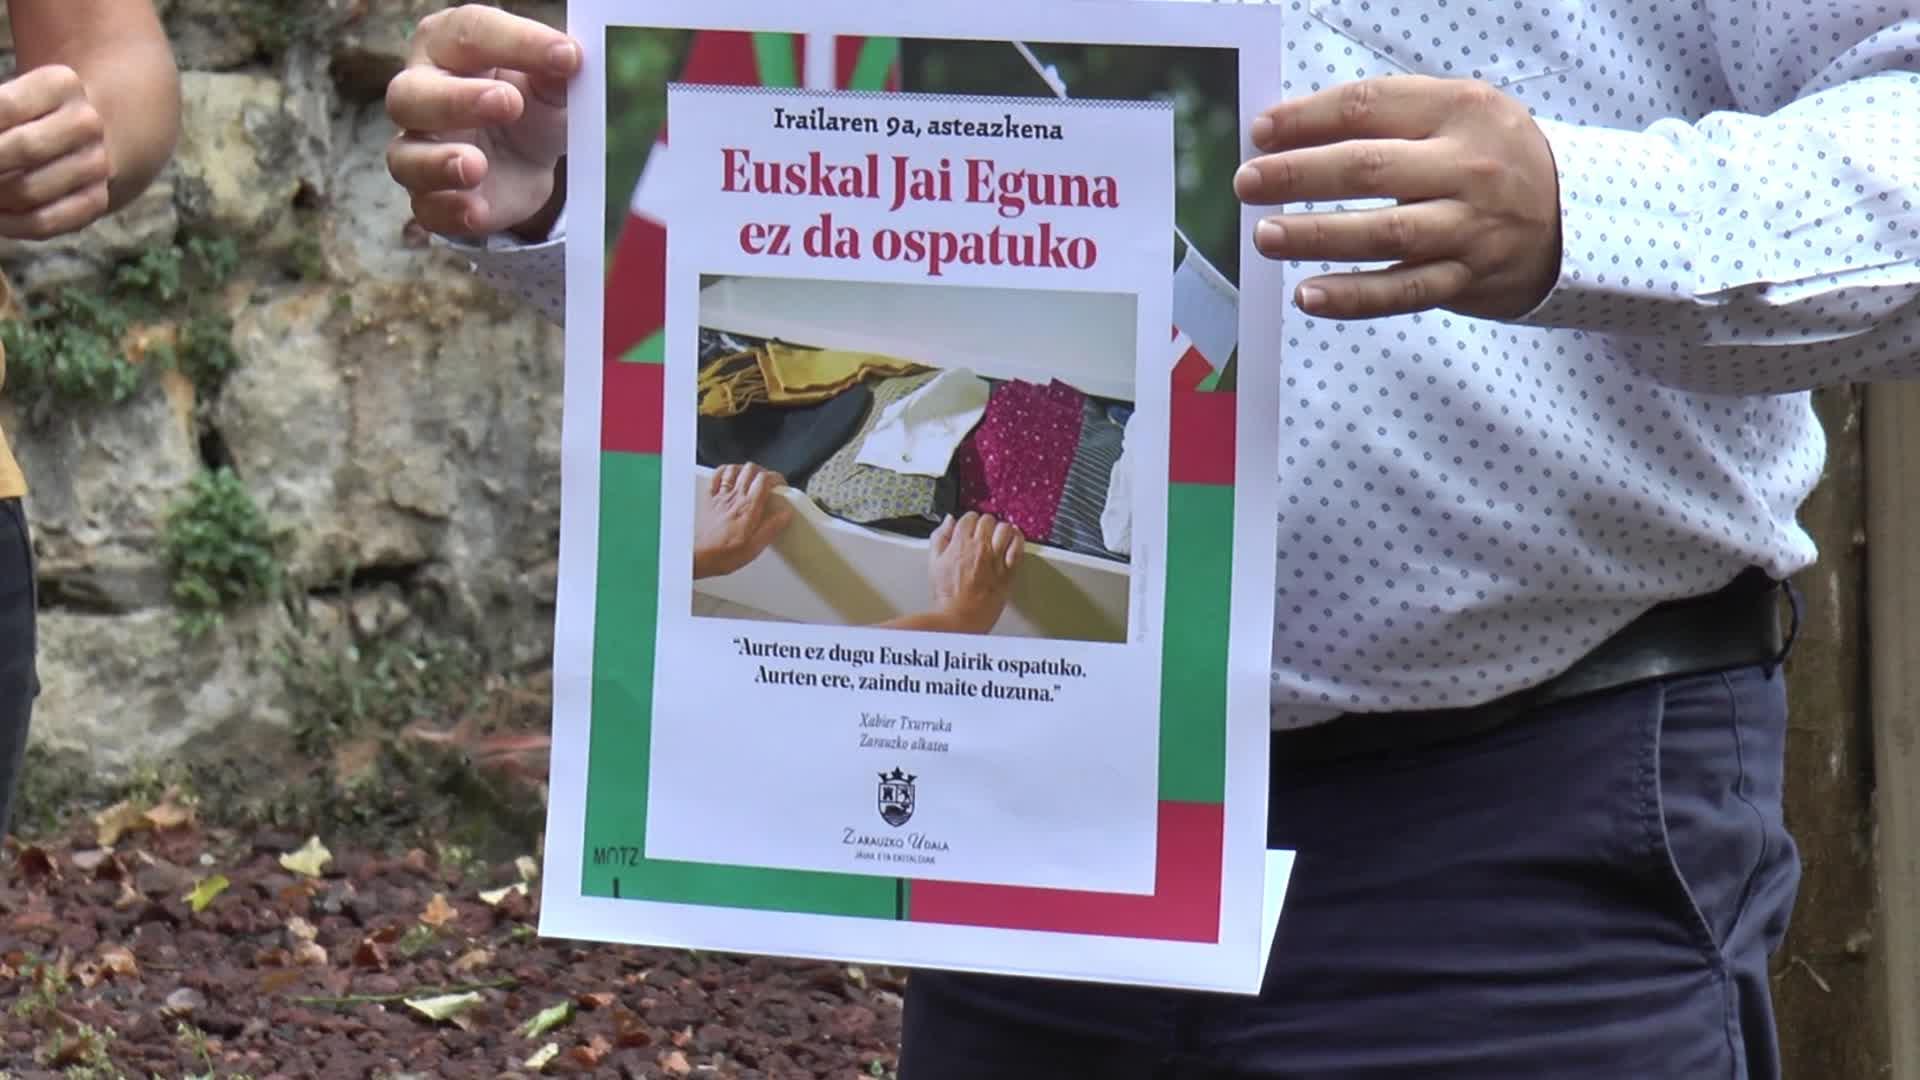 Euskal Jai Egunik gabeko Euskal Asteko programa aurkeztu dute